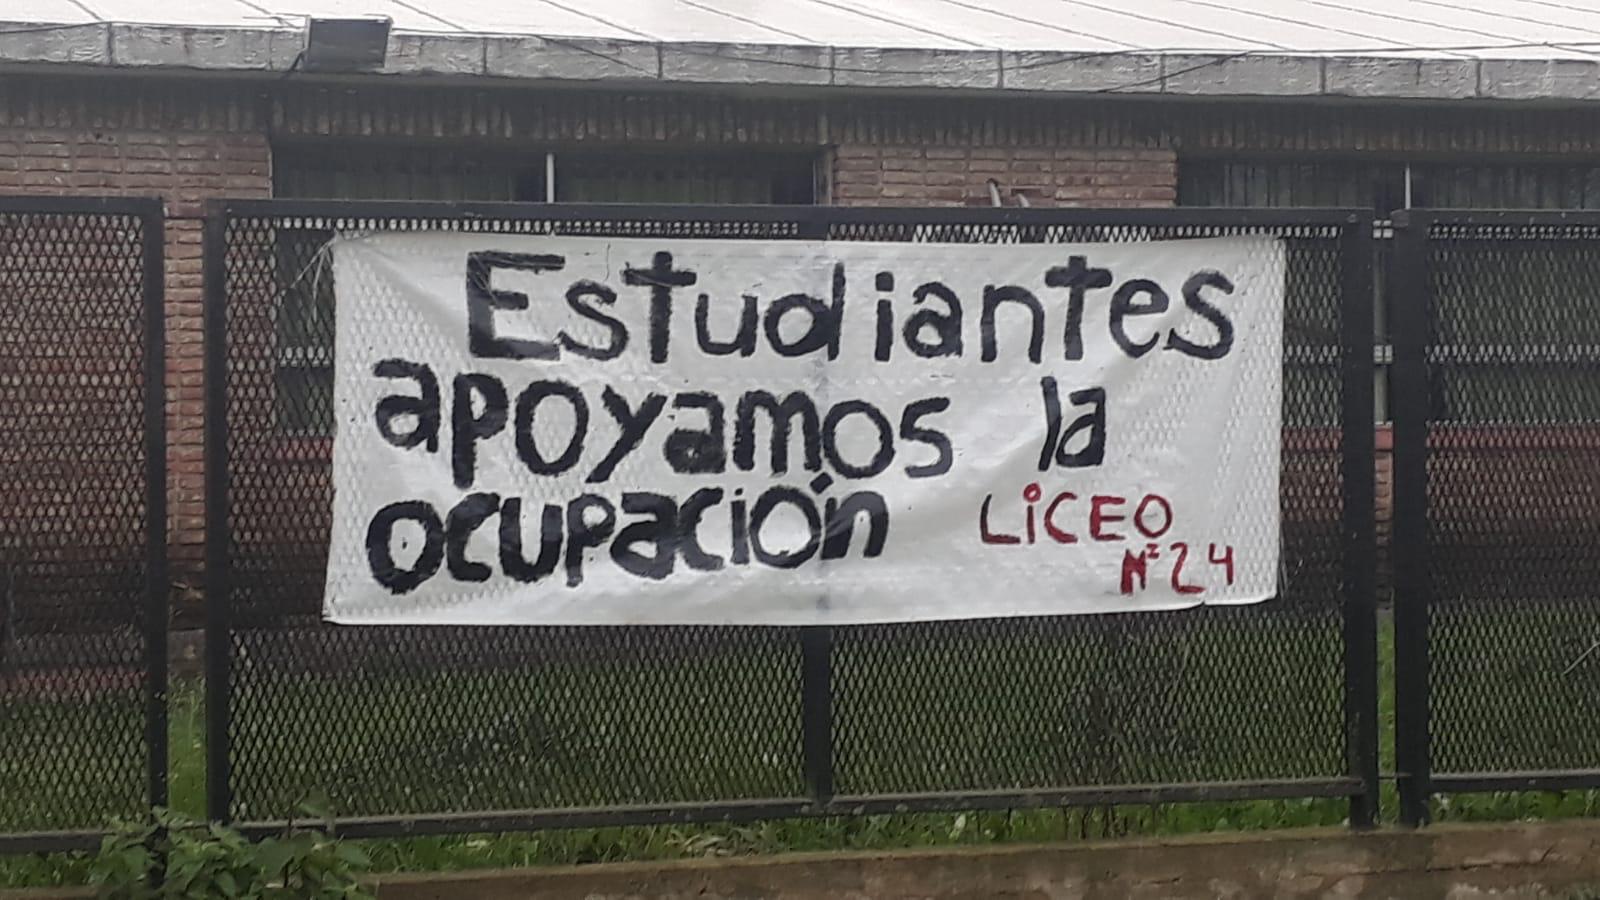 Ante la ausencia de respuestas, el Núcleo sindical del Liceo N° 24 continuará el lunes con la medida de ocupación